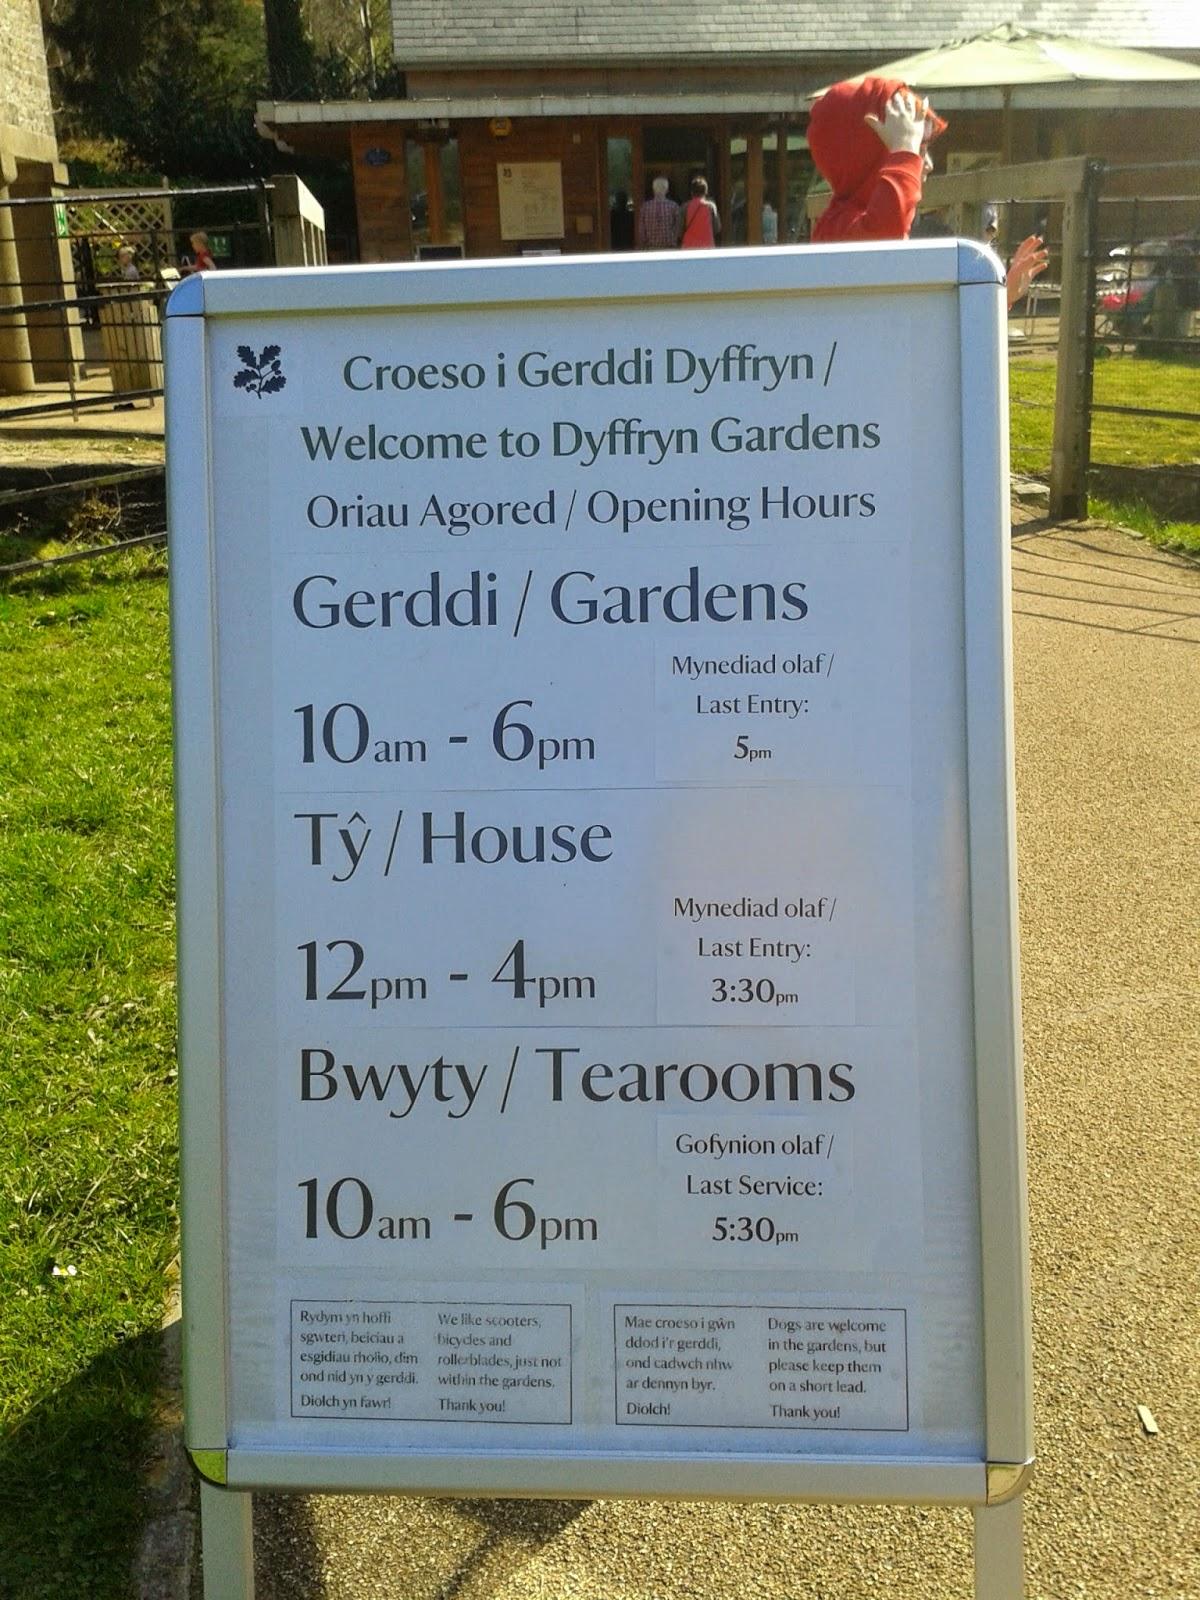 Dyffryn Gardens Welcome Board